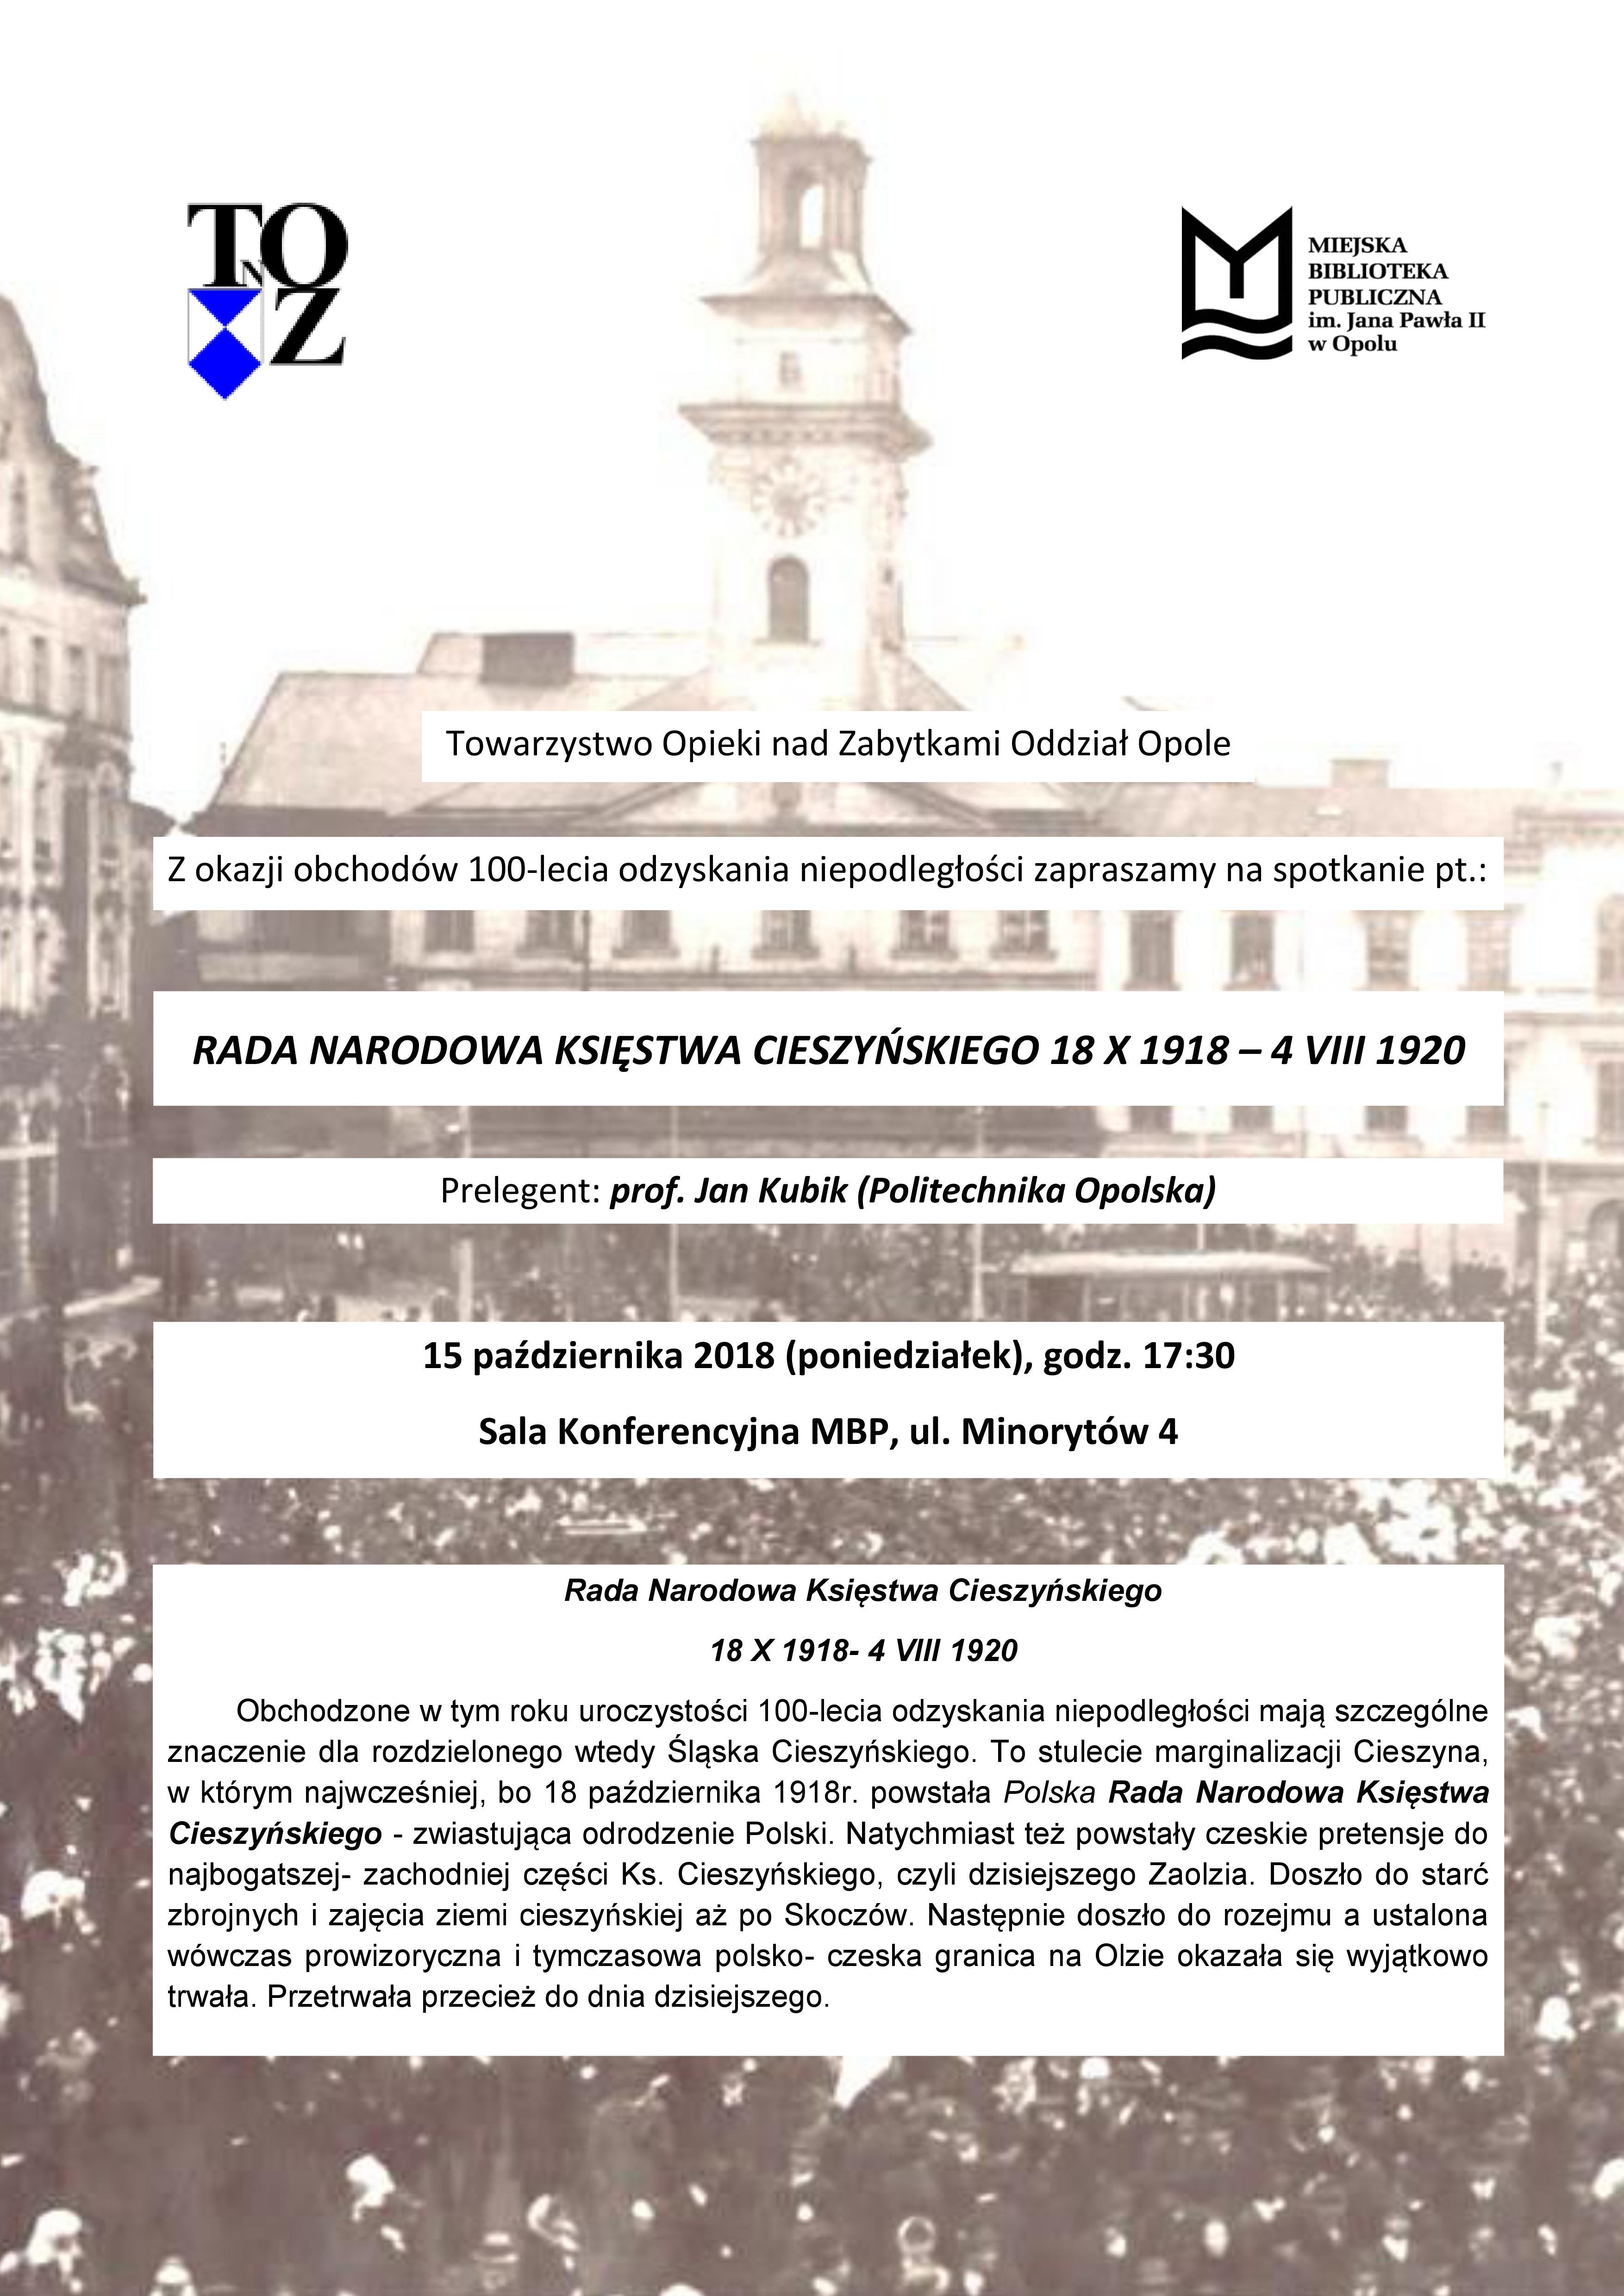 Rada Narodowa Księstwa Cieszyńskiego 18 X 1918- 4 VIII 1920